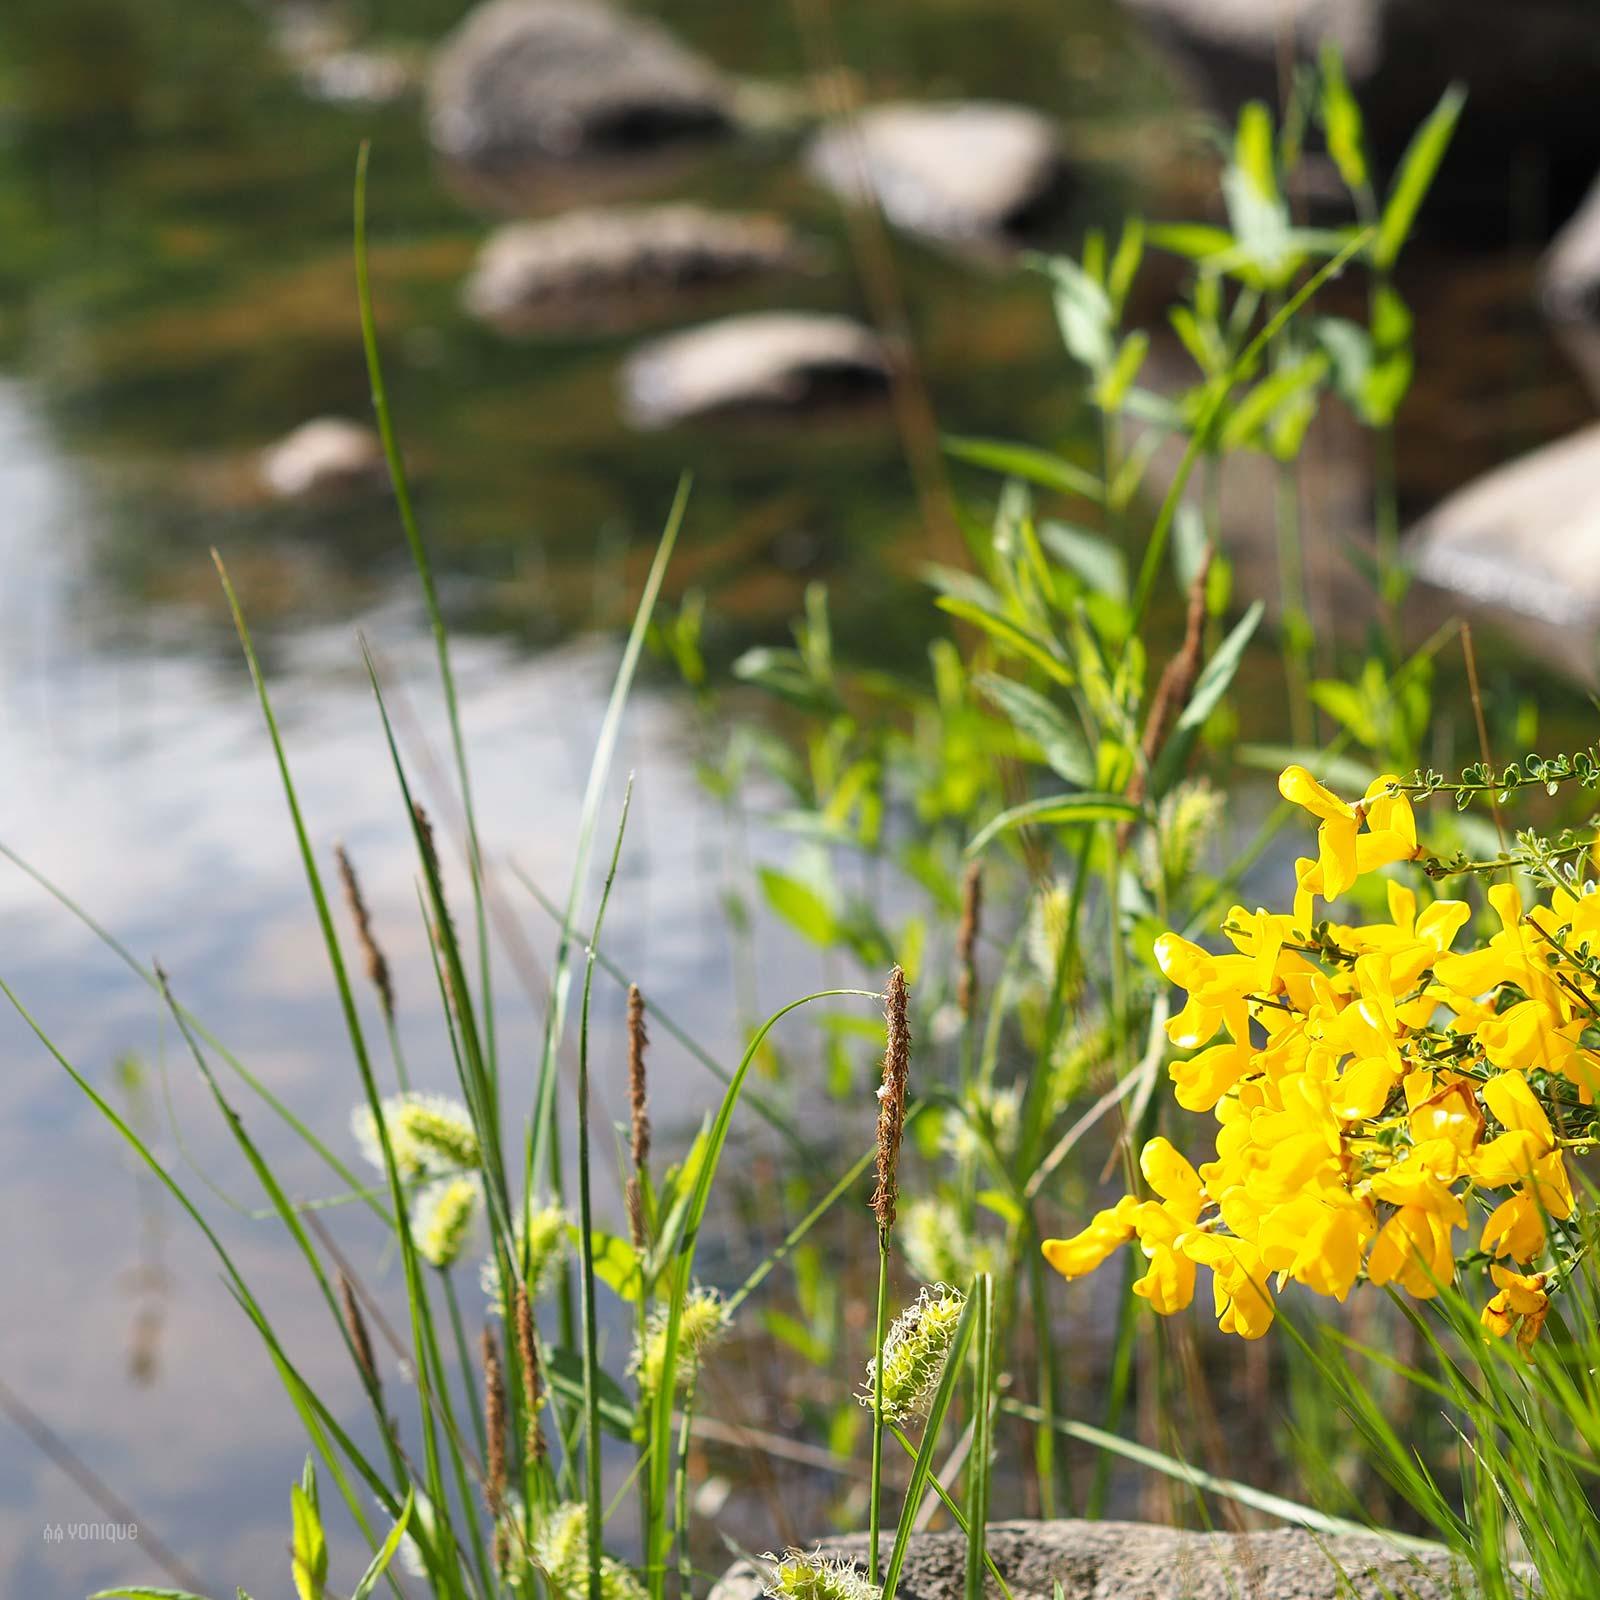 flores primavera rio tera sanabria zamora yoniquenews